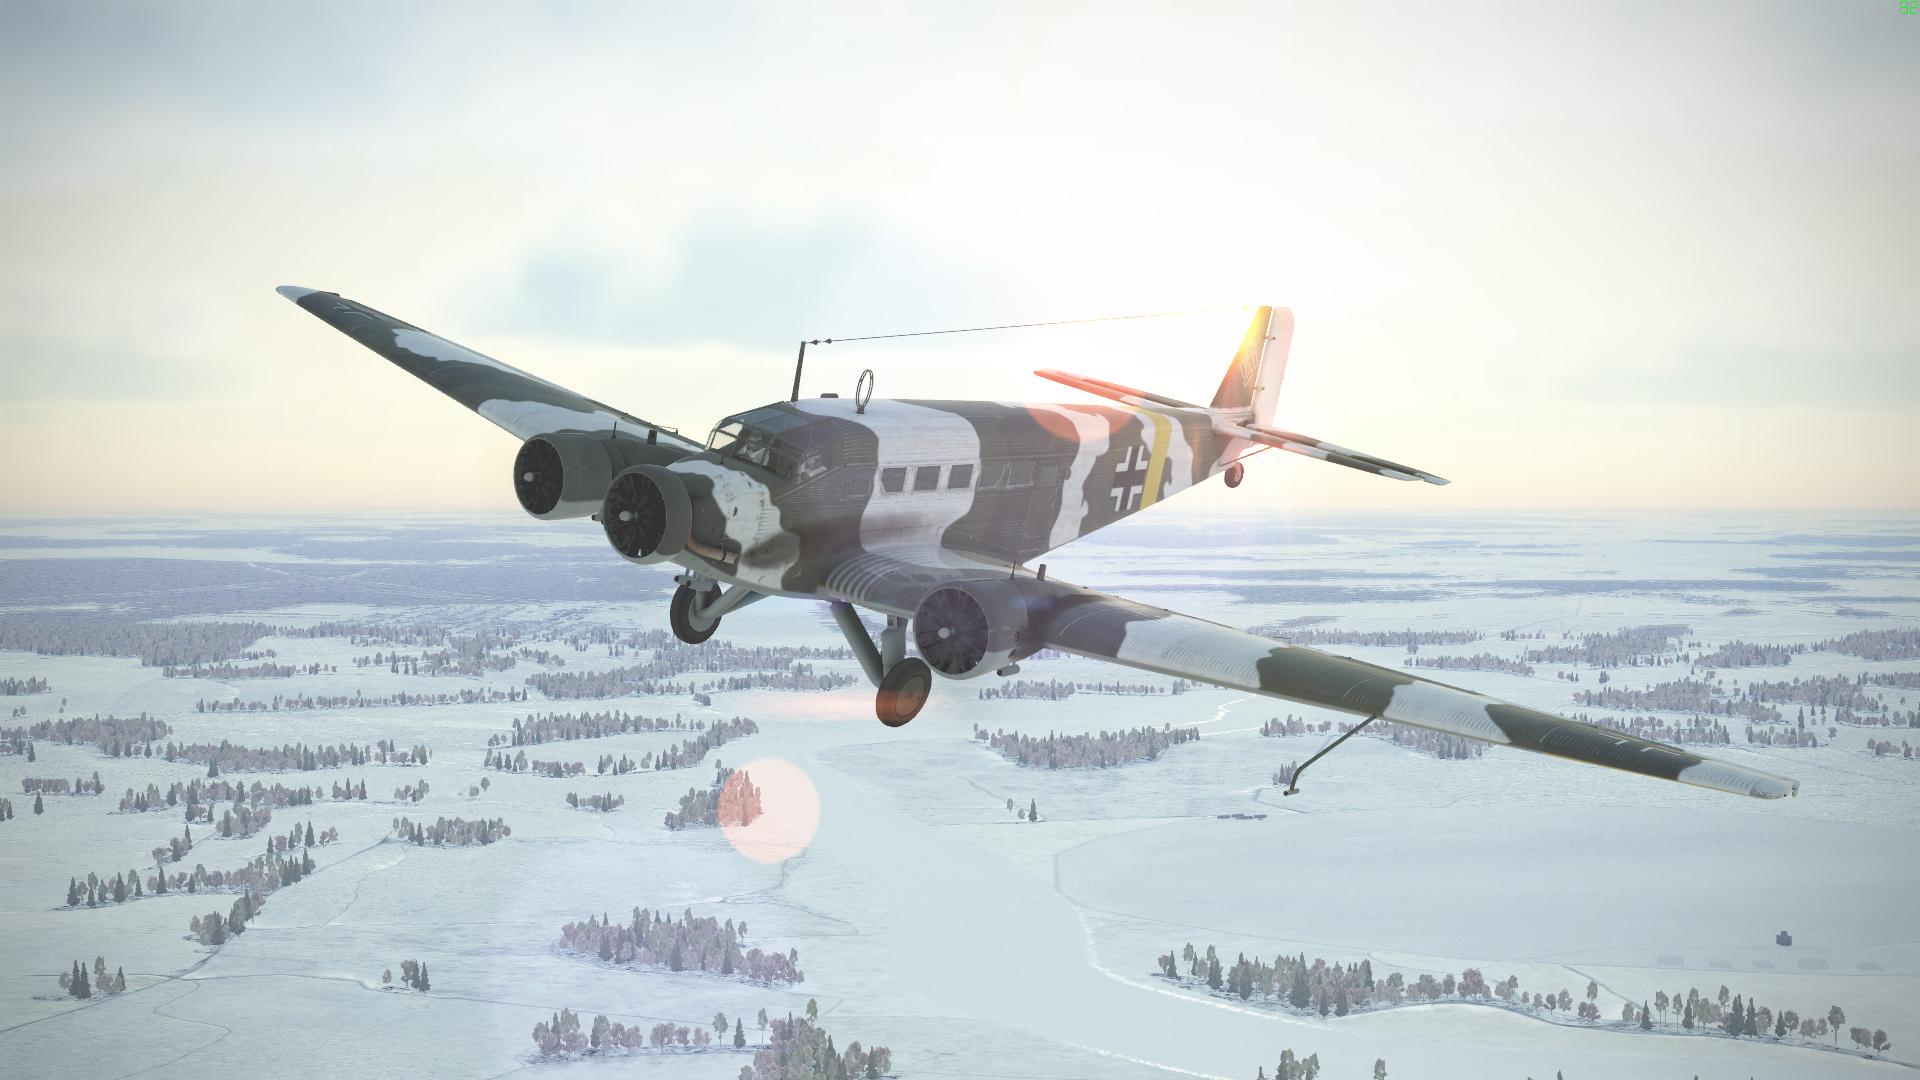 IL-2 Sturmovik: Ju 52/Зm Collector Plane screenshot